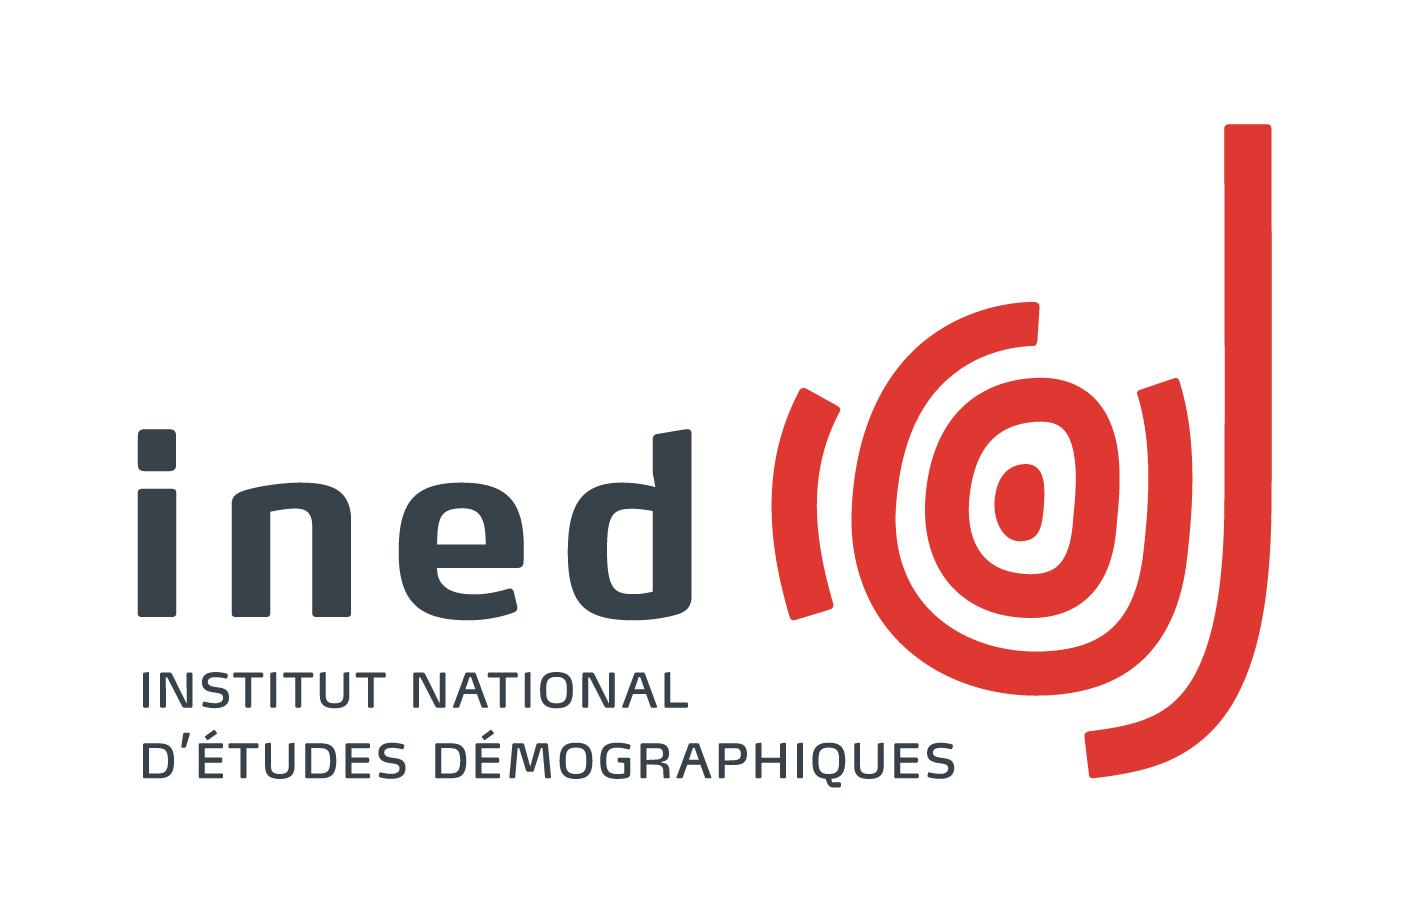 Logo de l'Ined